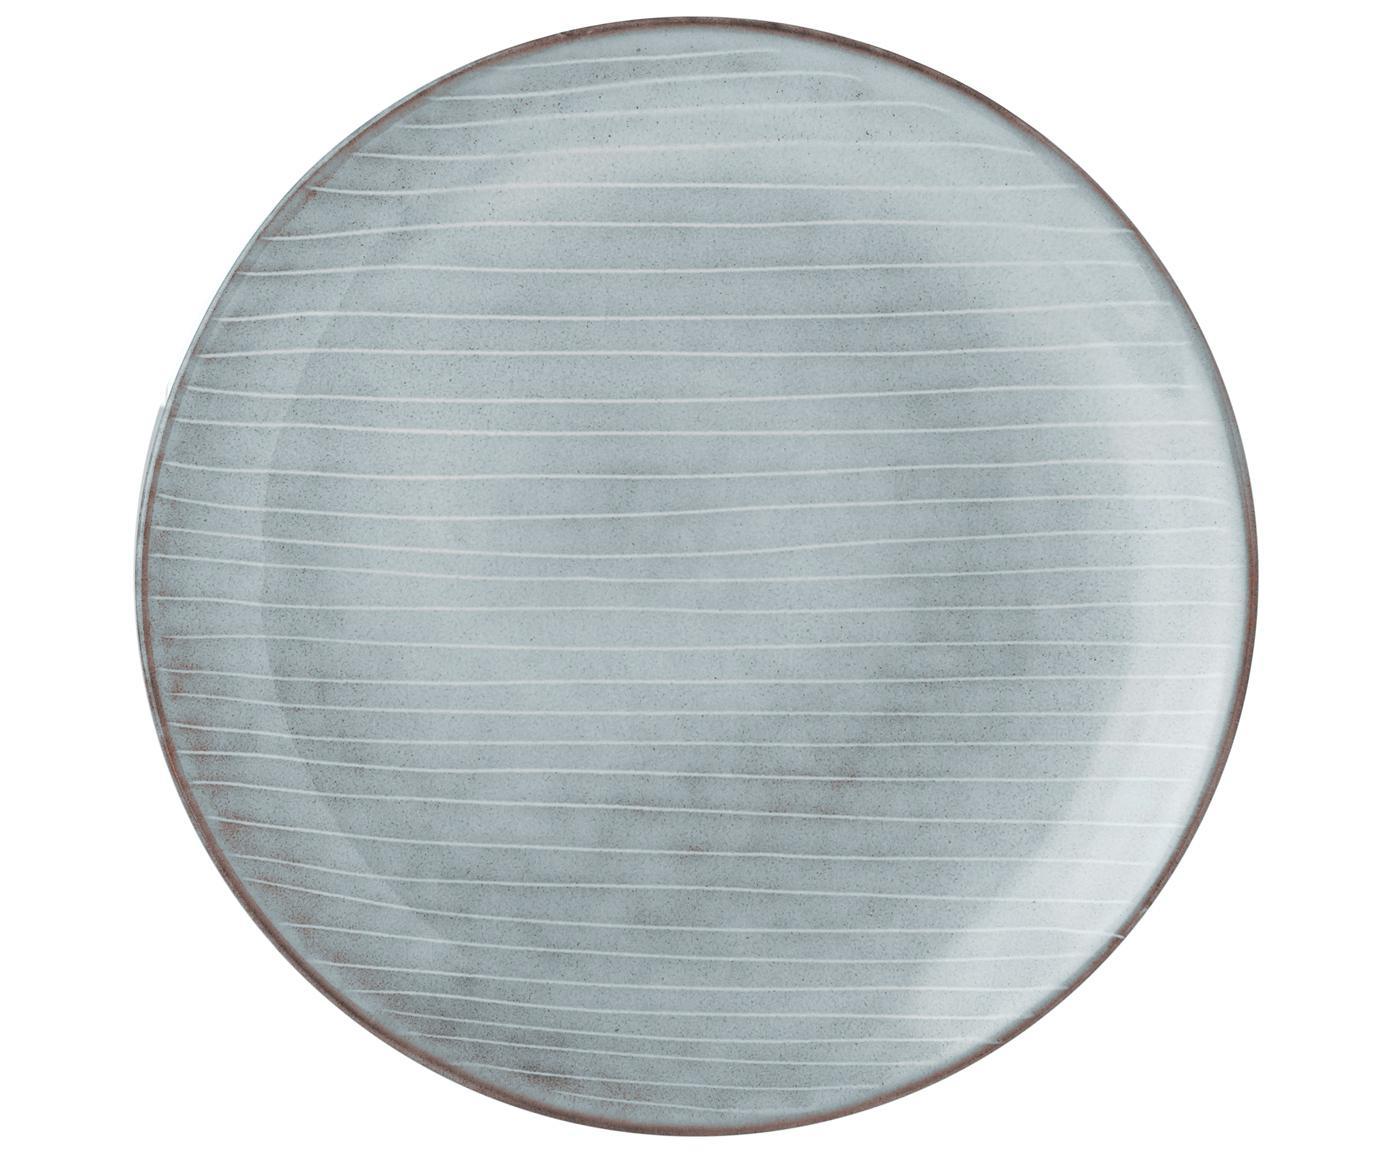 Set 12 stoviglie fatte a mano Nordic Sea, Terracotta, Tonalità grigie e blu, Diverse dimensioni